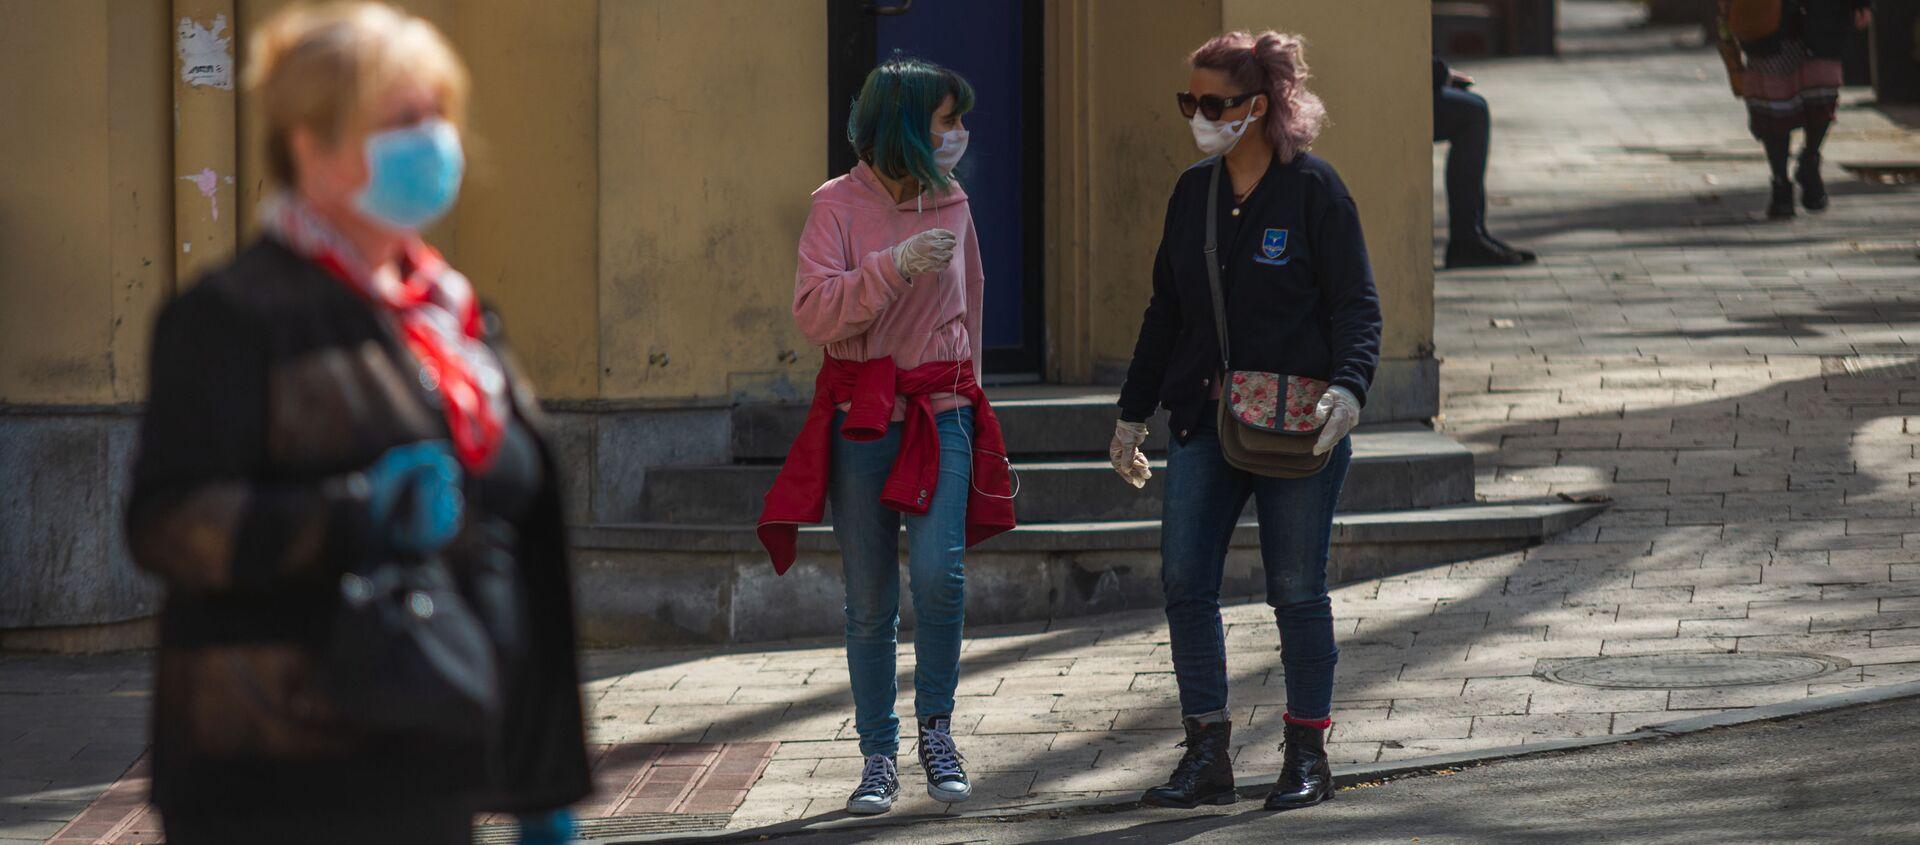 Прохожие на улицах в масках во время карантина из-за коронавируса - Sputnik Грузия, 1920, 23.05.2021